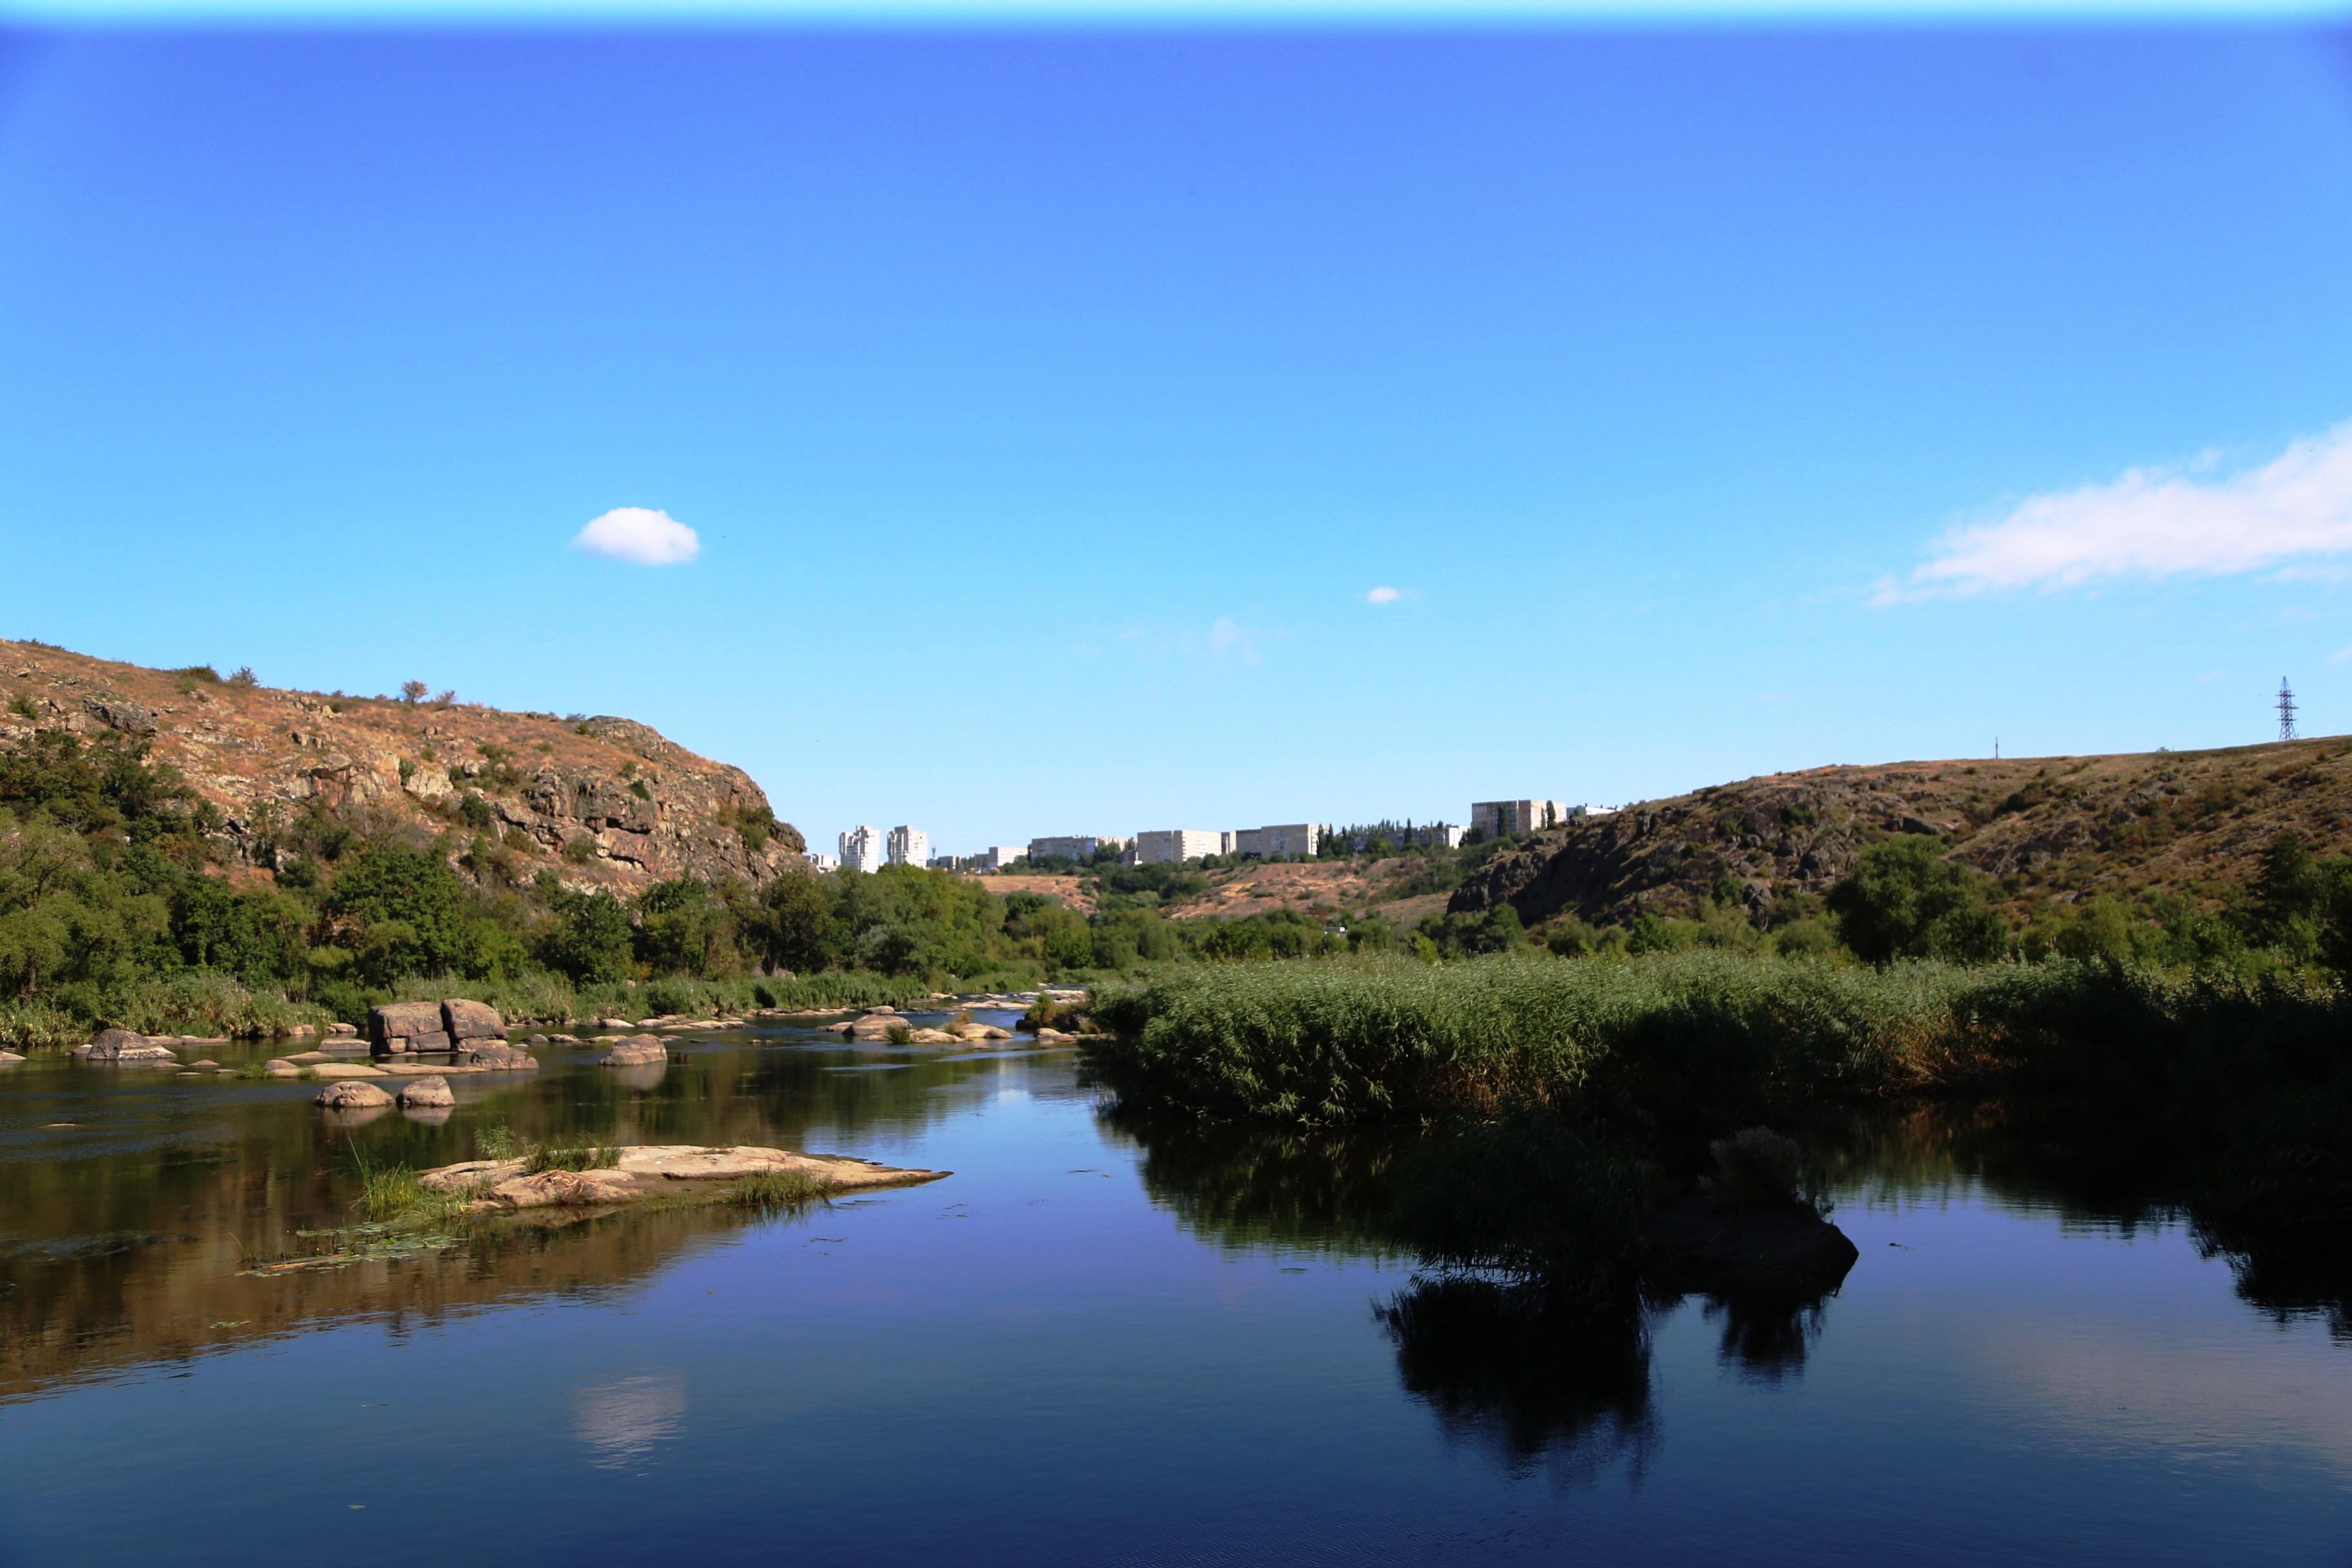 Після добудови Ташлицької ГАЕС всі гідроагрегати зможуть працювати при рівні води водосховища в 16,9 м